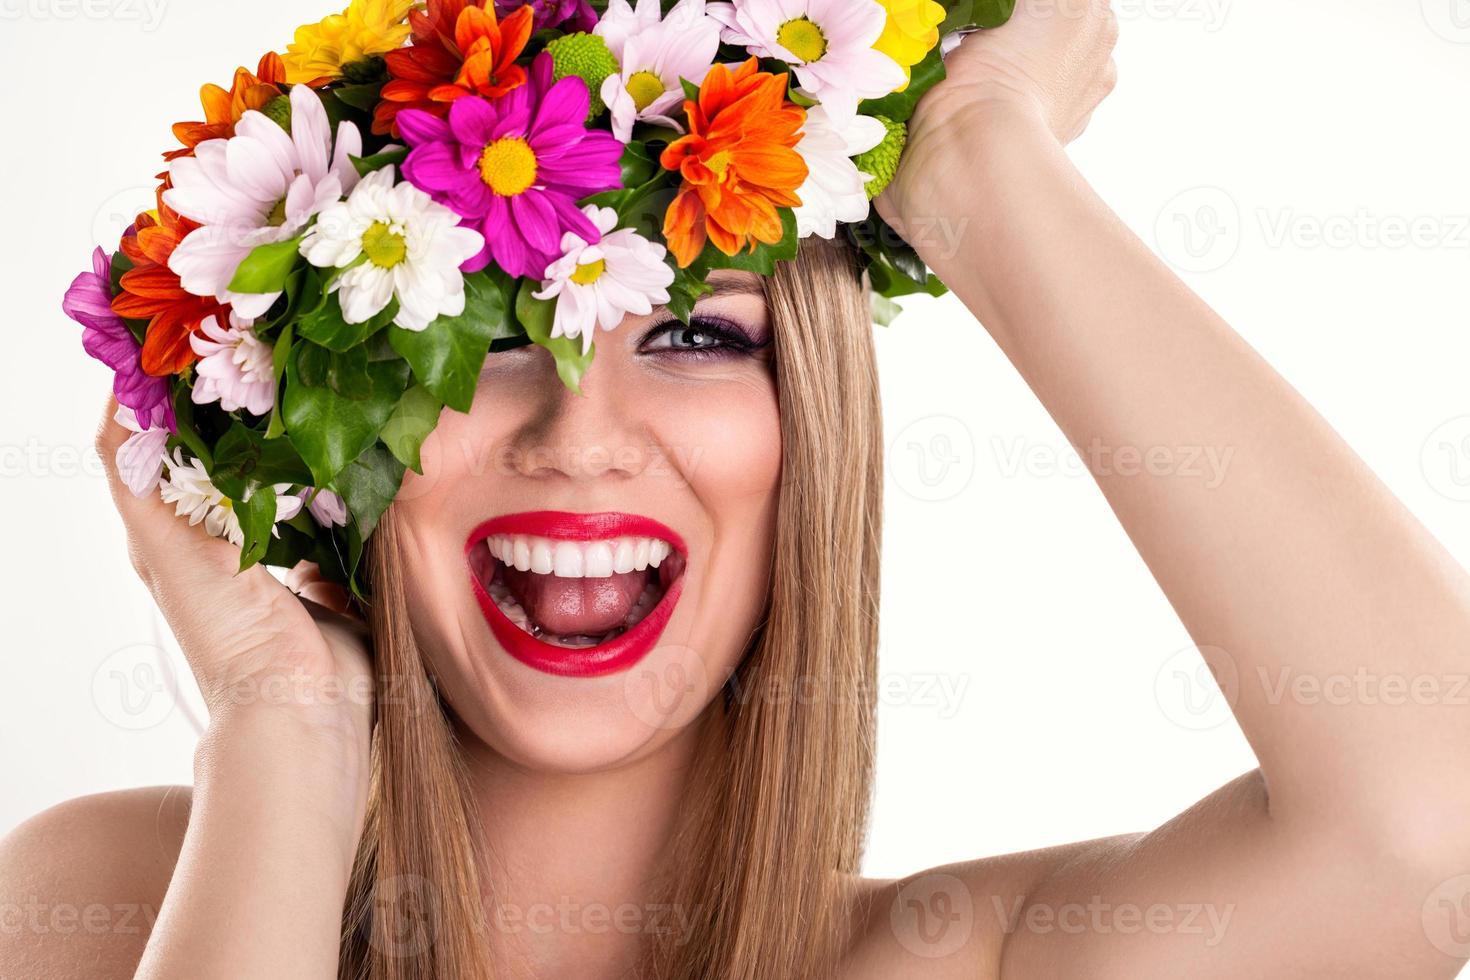 mulher sorridente com coroa de flores foto